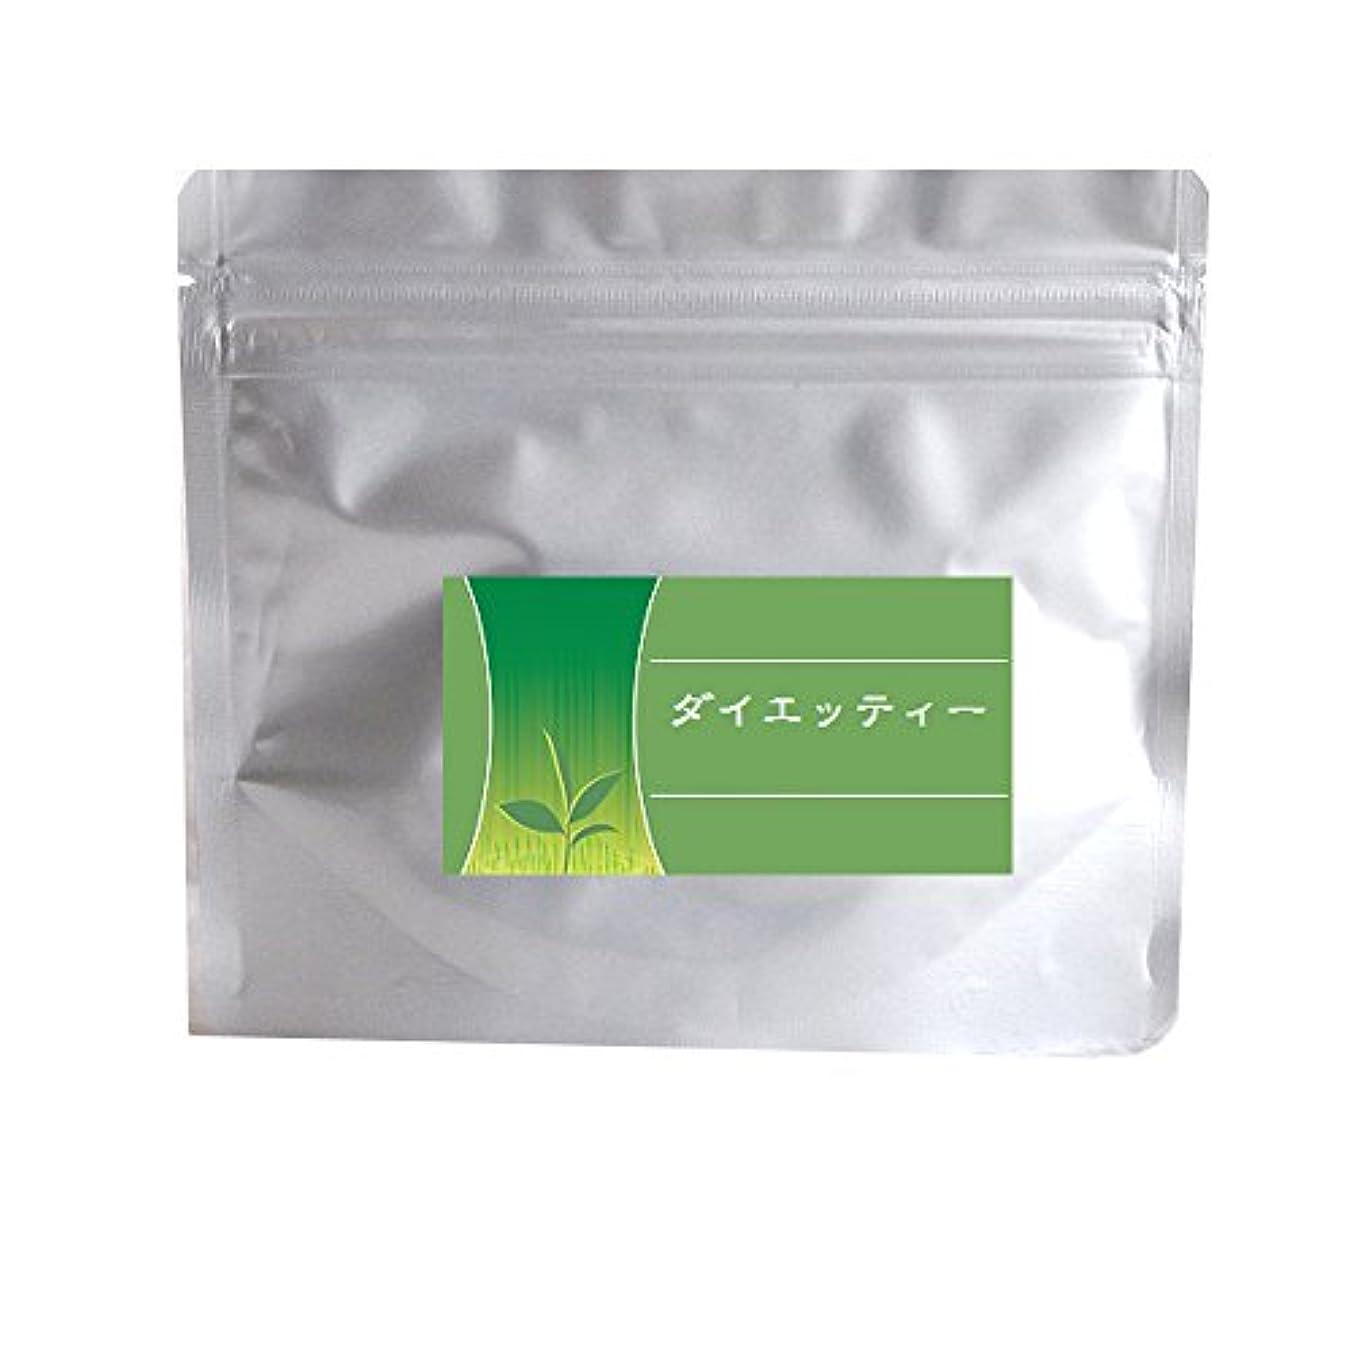 ポンペイ皮肉成人期ダイエット茶 ダイエッティー70g